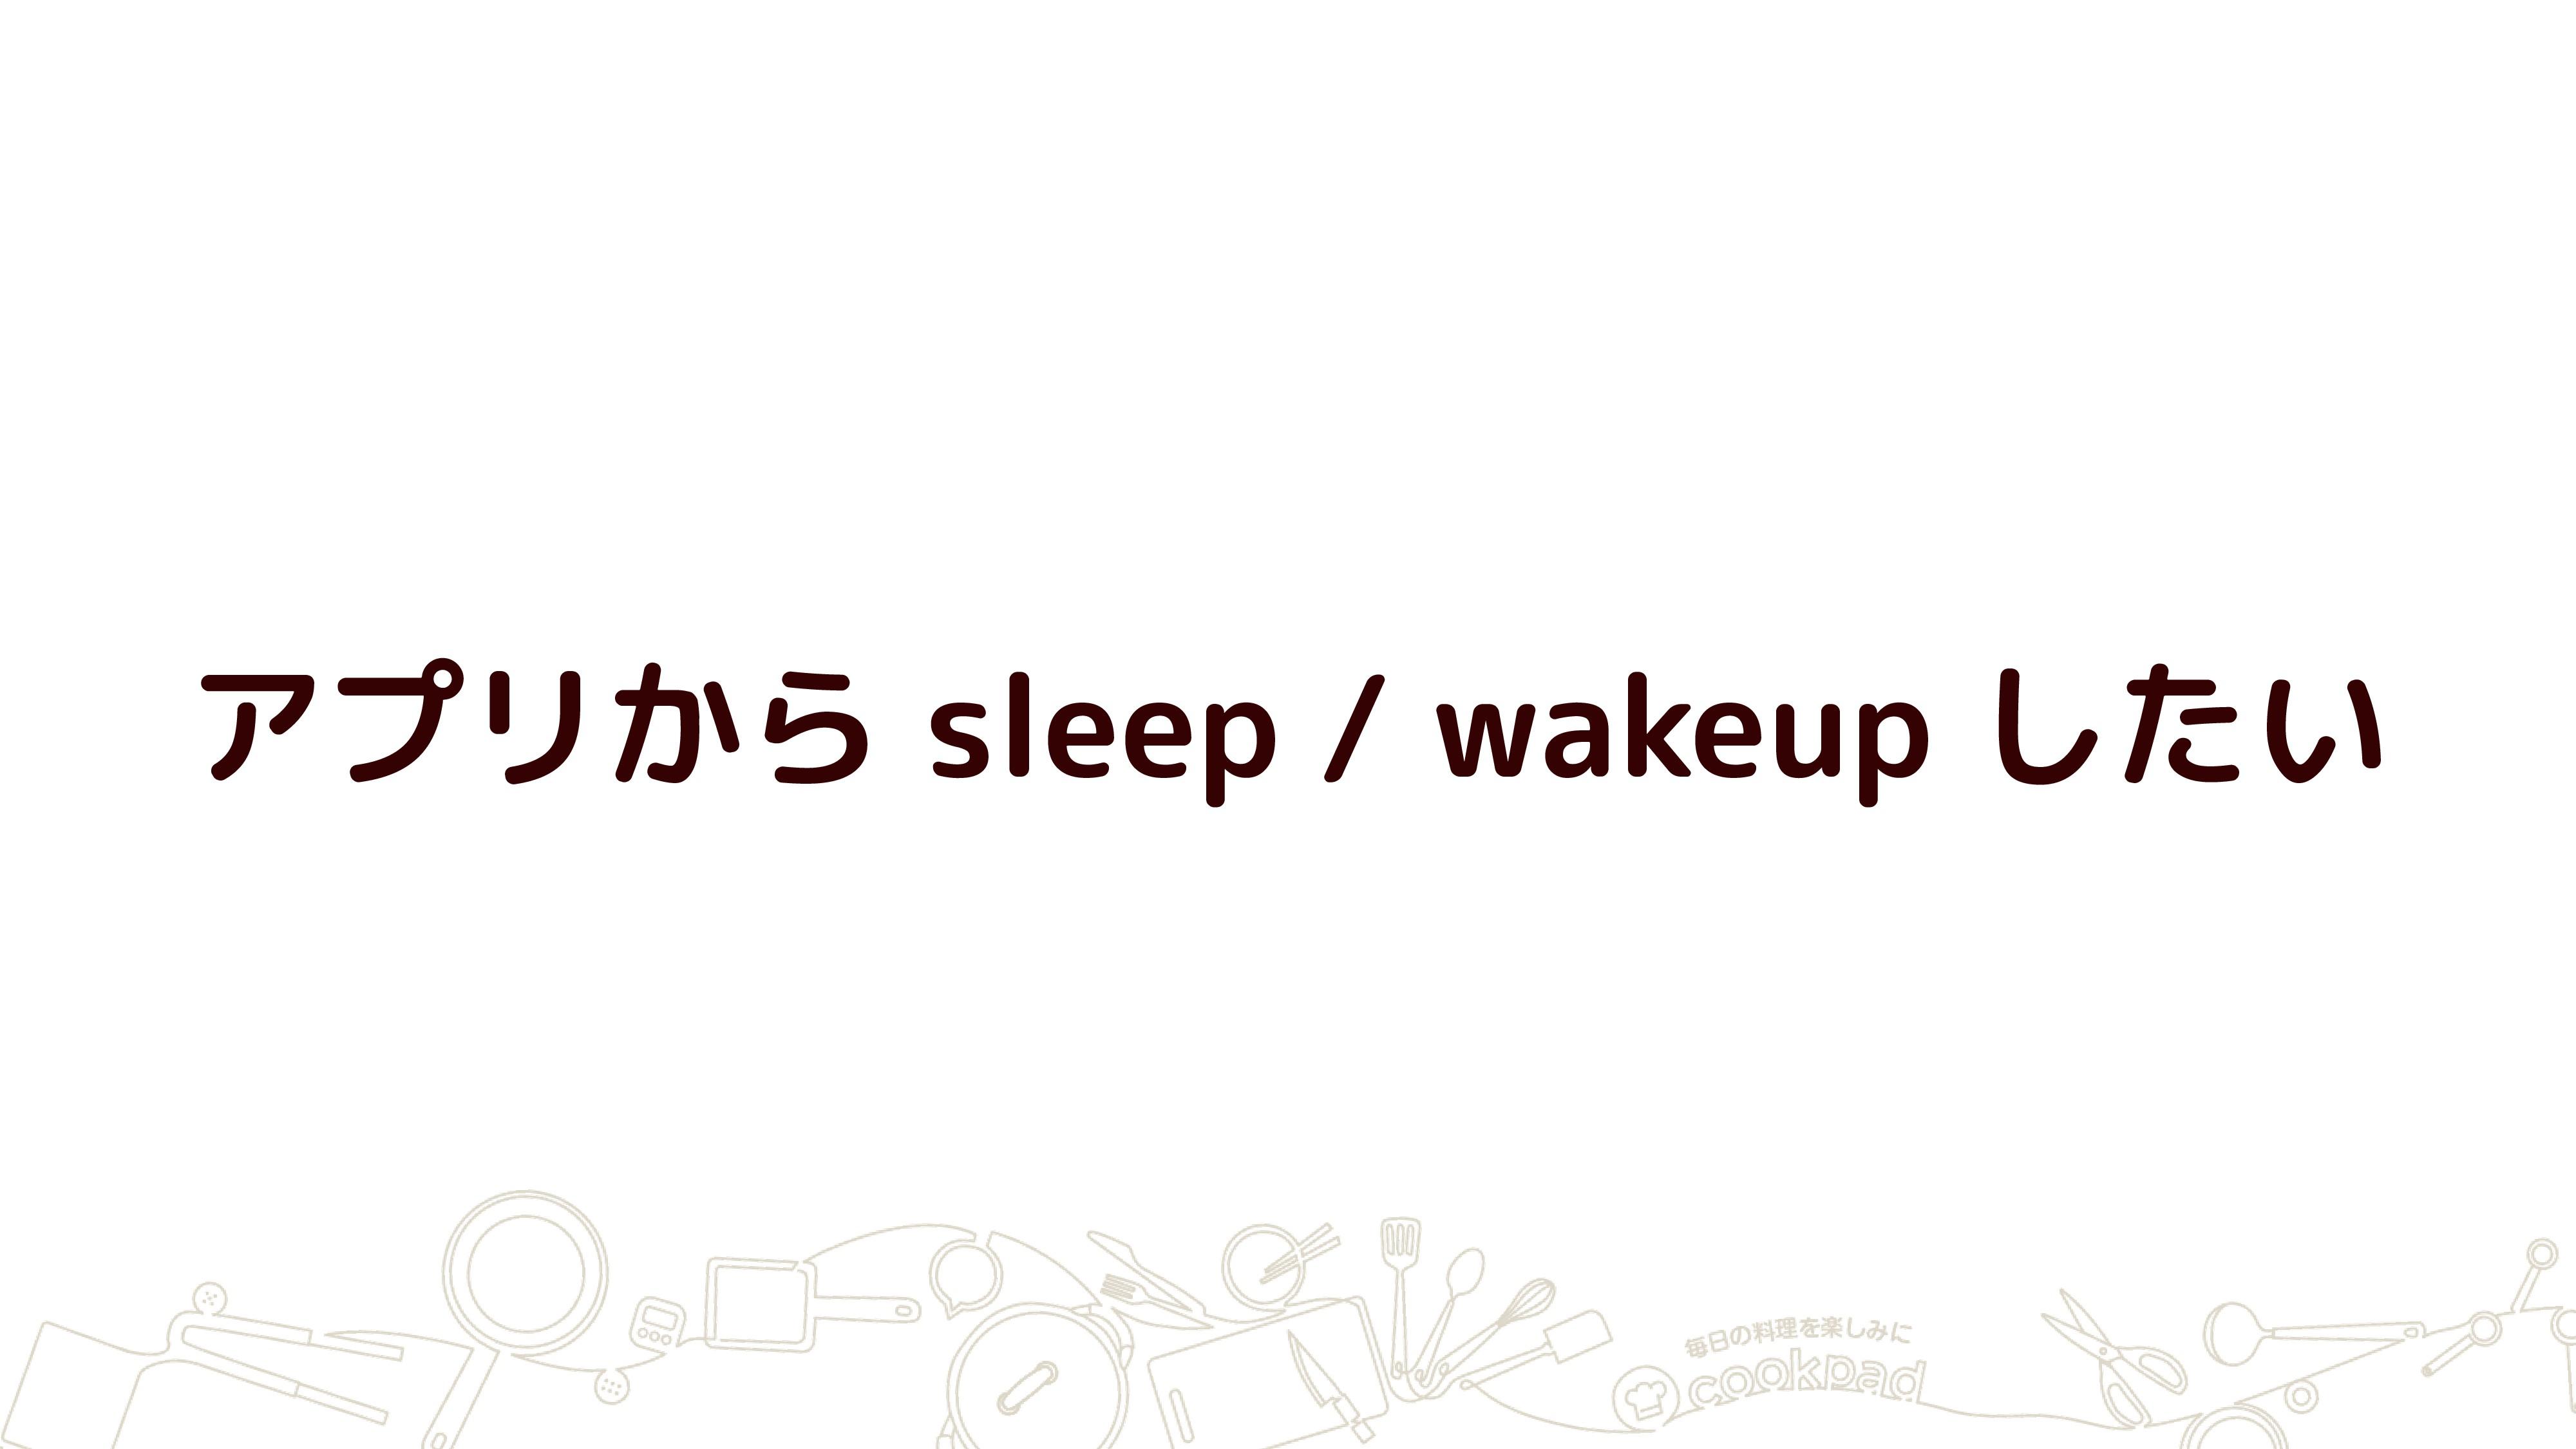 アプリから sleep / wakeup したい